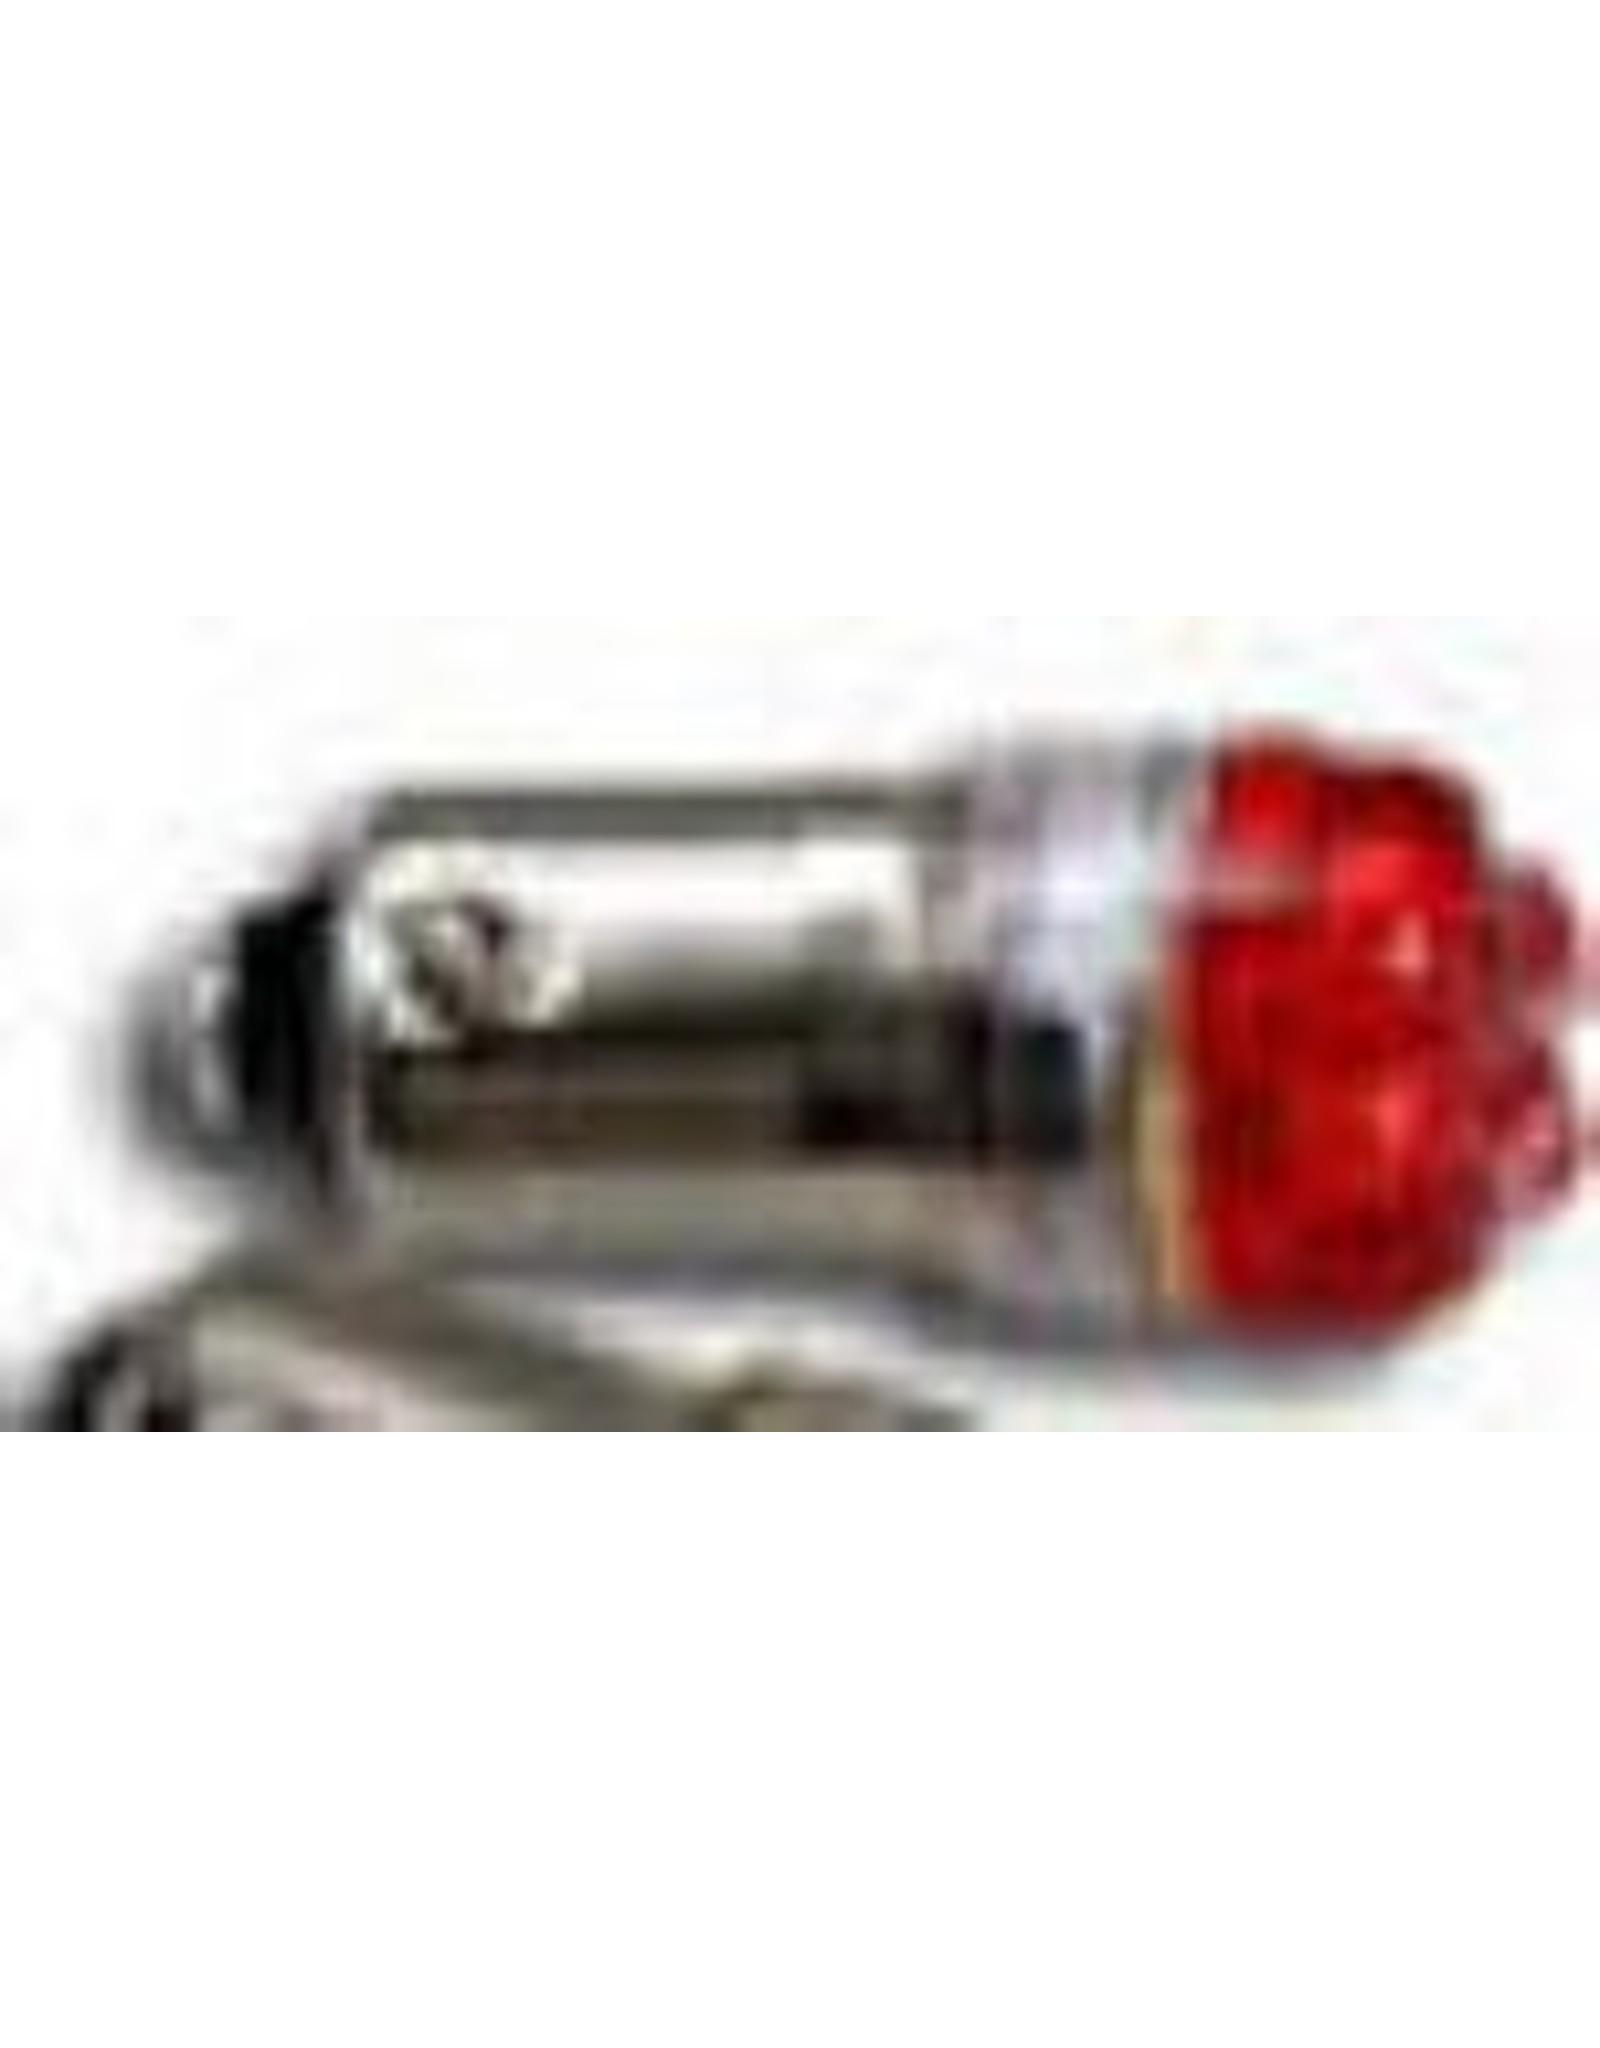 BA9S-R4-32-6V RED LED (Bayonet Base)